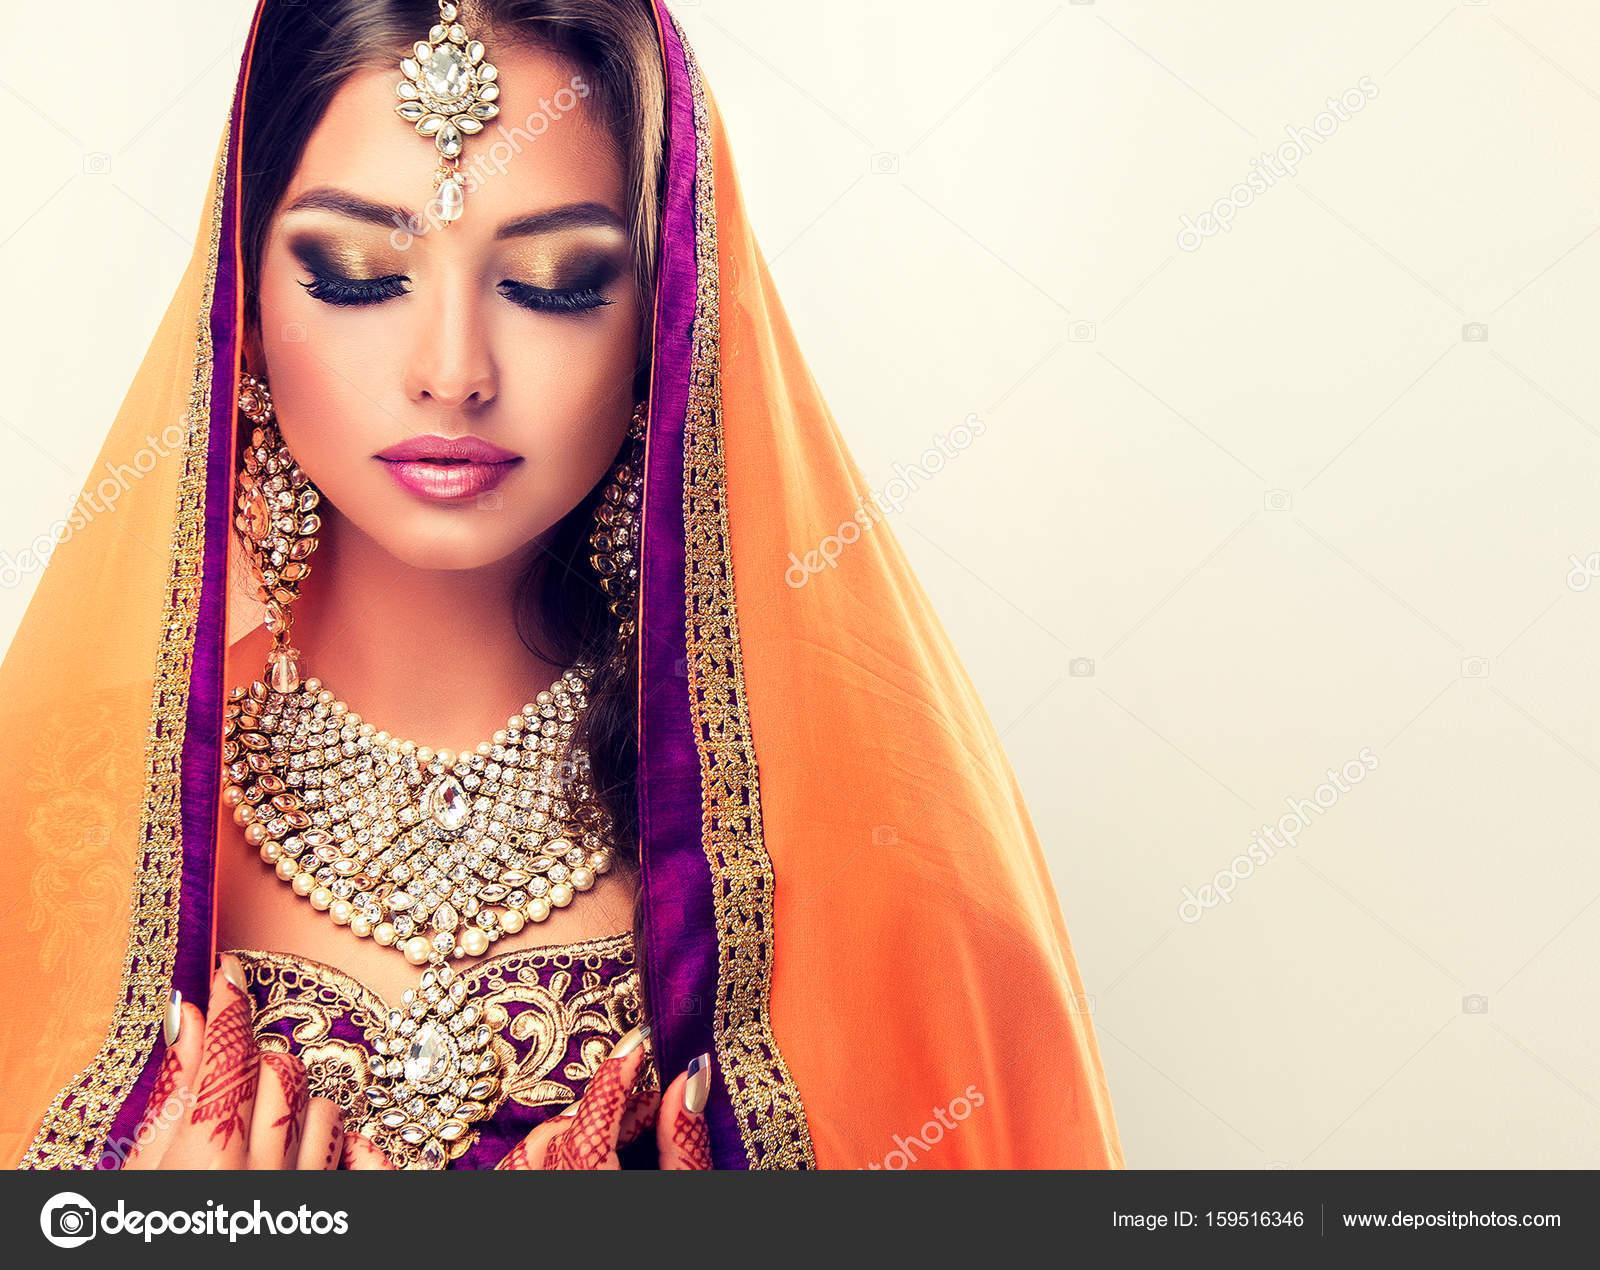 Фото с красивыми индийскими девушками